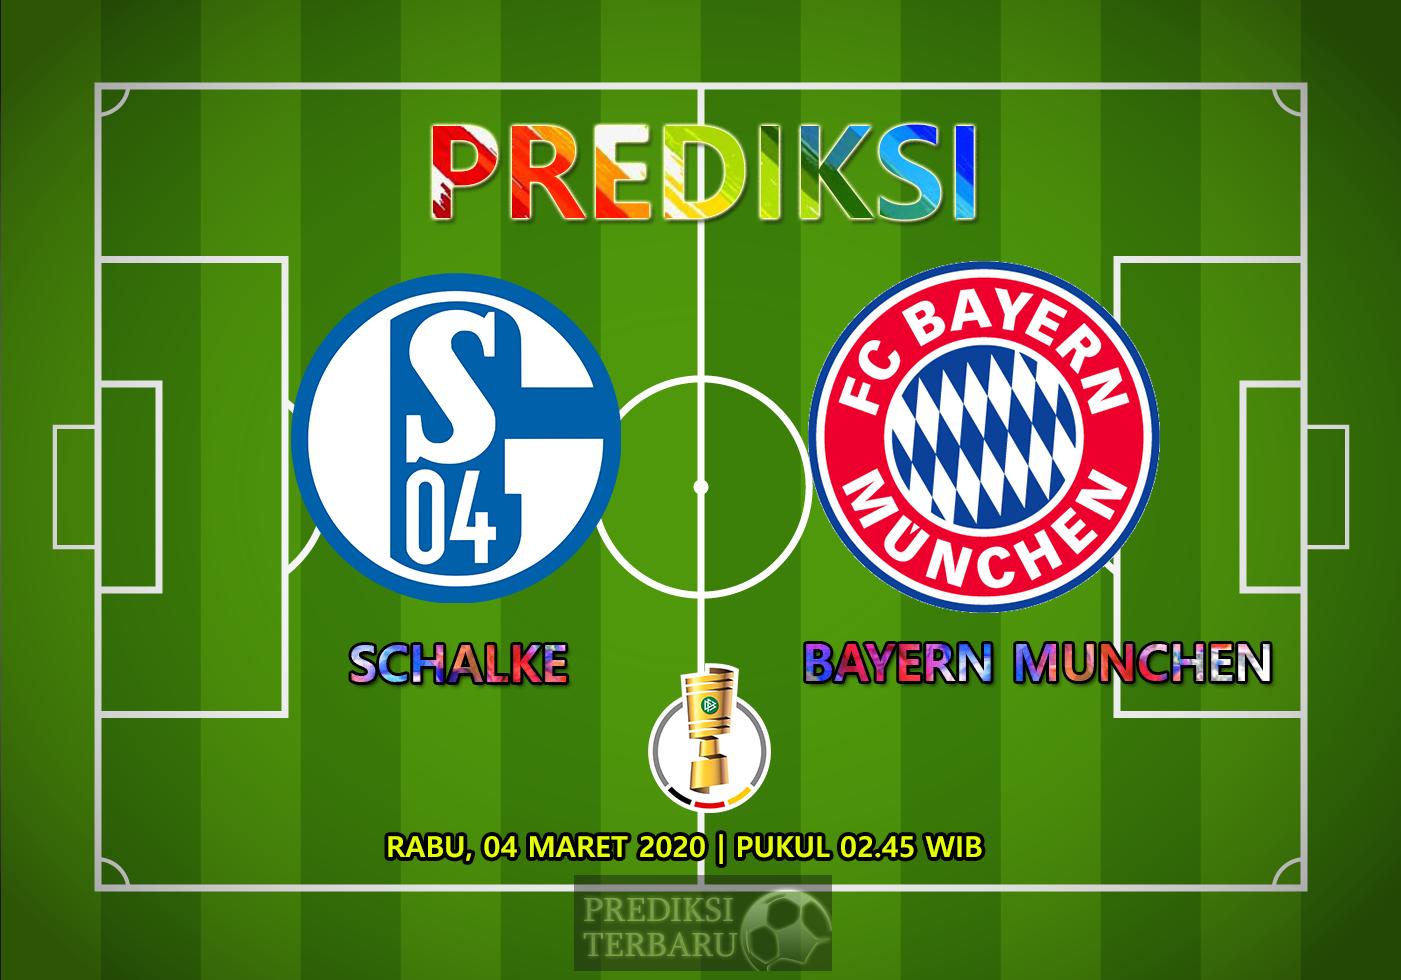 Prediksi Schalke 04 Vs Bayern Munchen Rabu 04 Maret